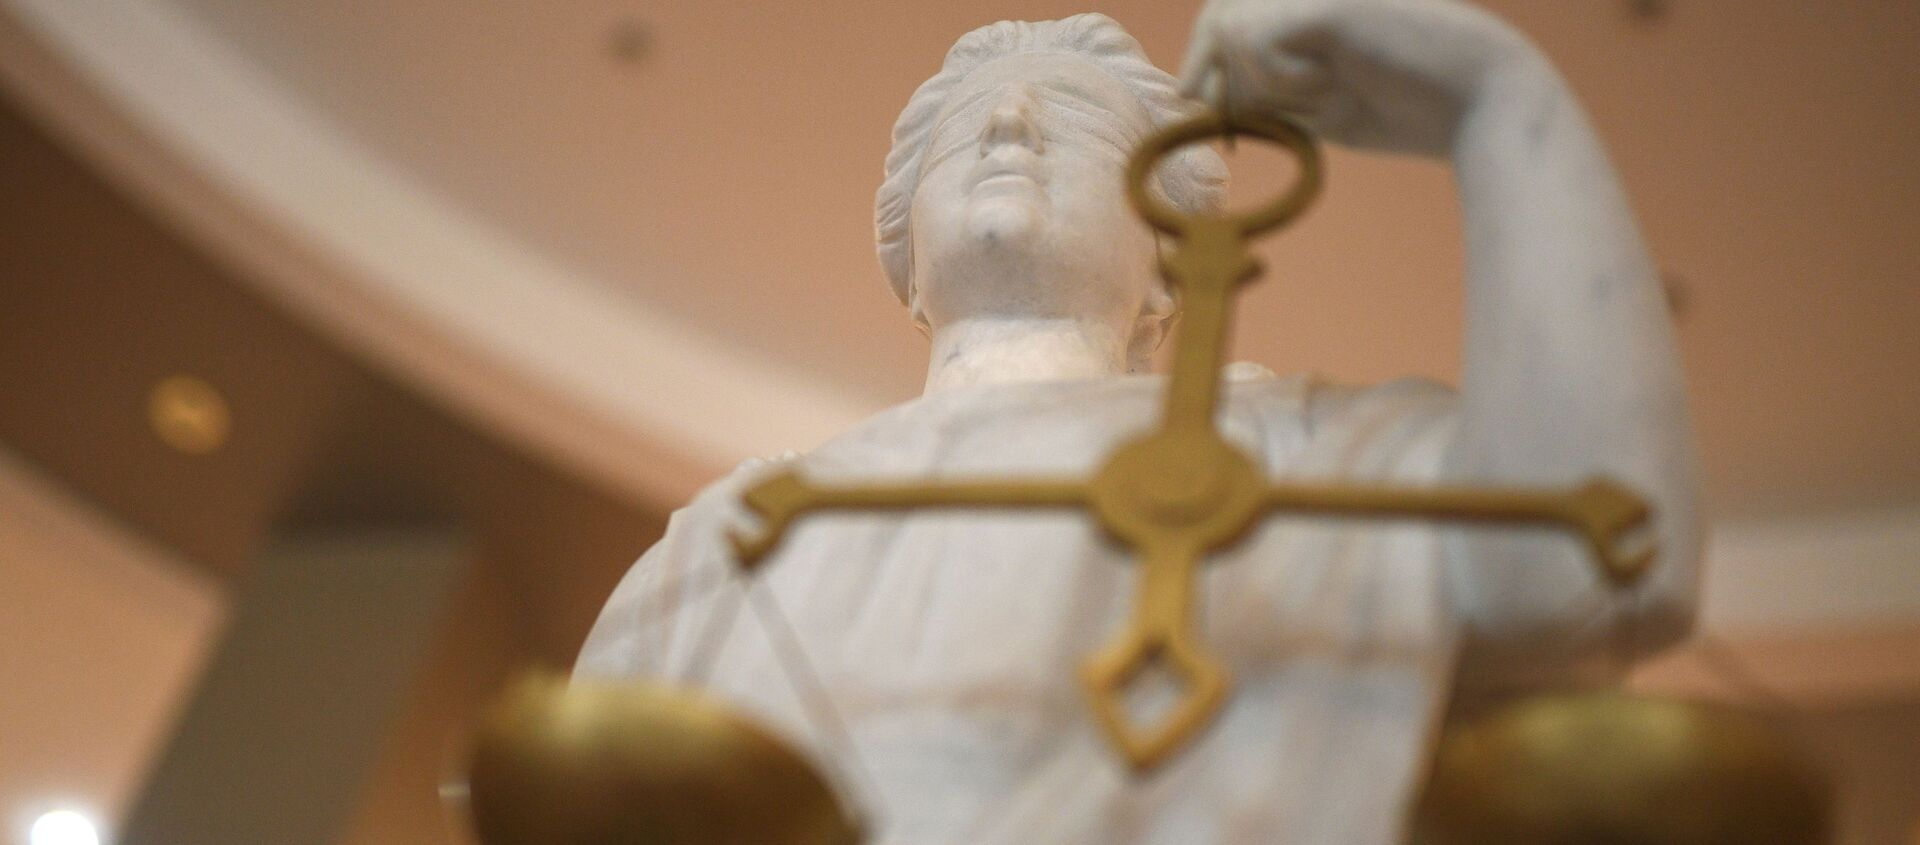 Статуя Фемиды  - Sputnik Аҧсны, 1920, 30.12.2020